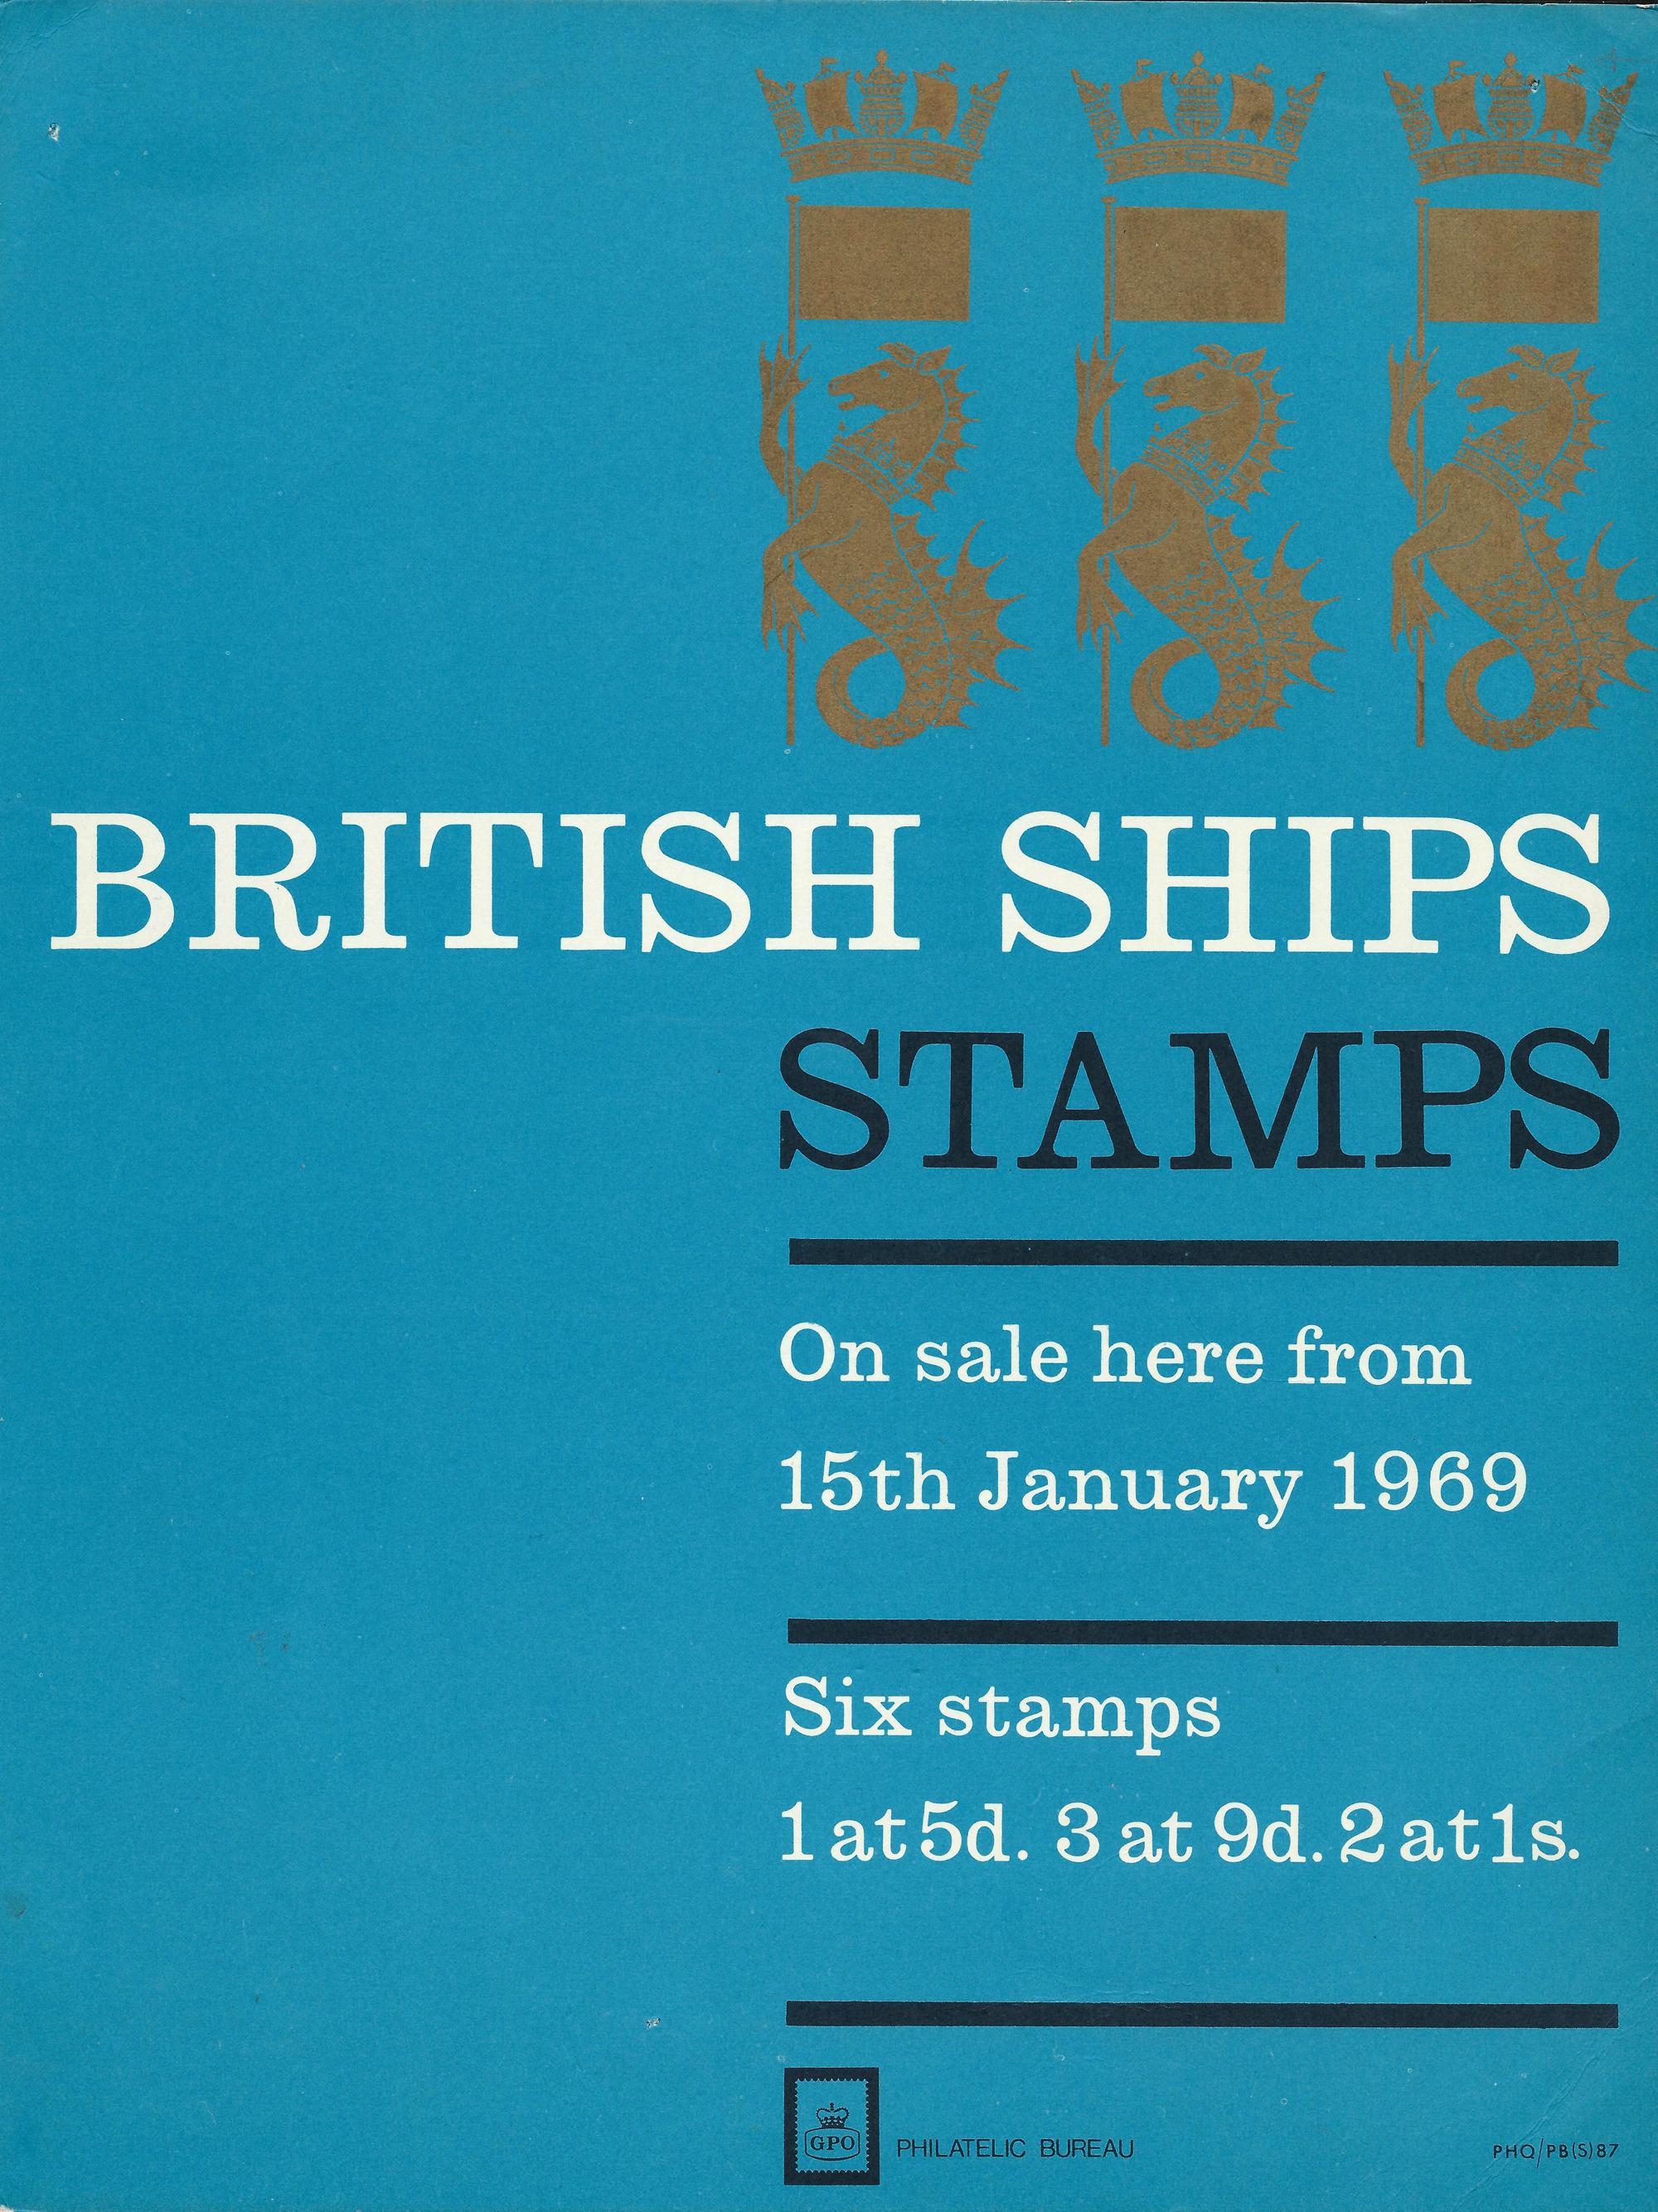 British Ships stamp set poster, 1968